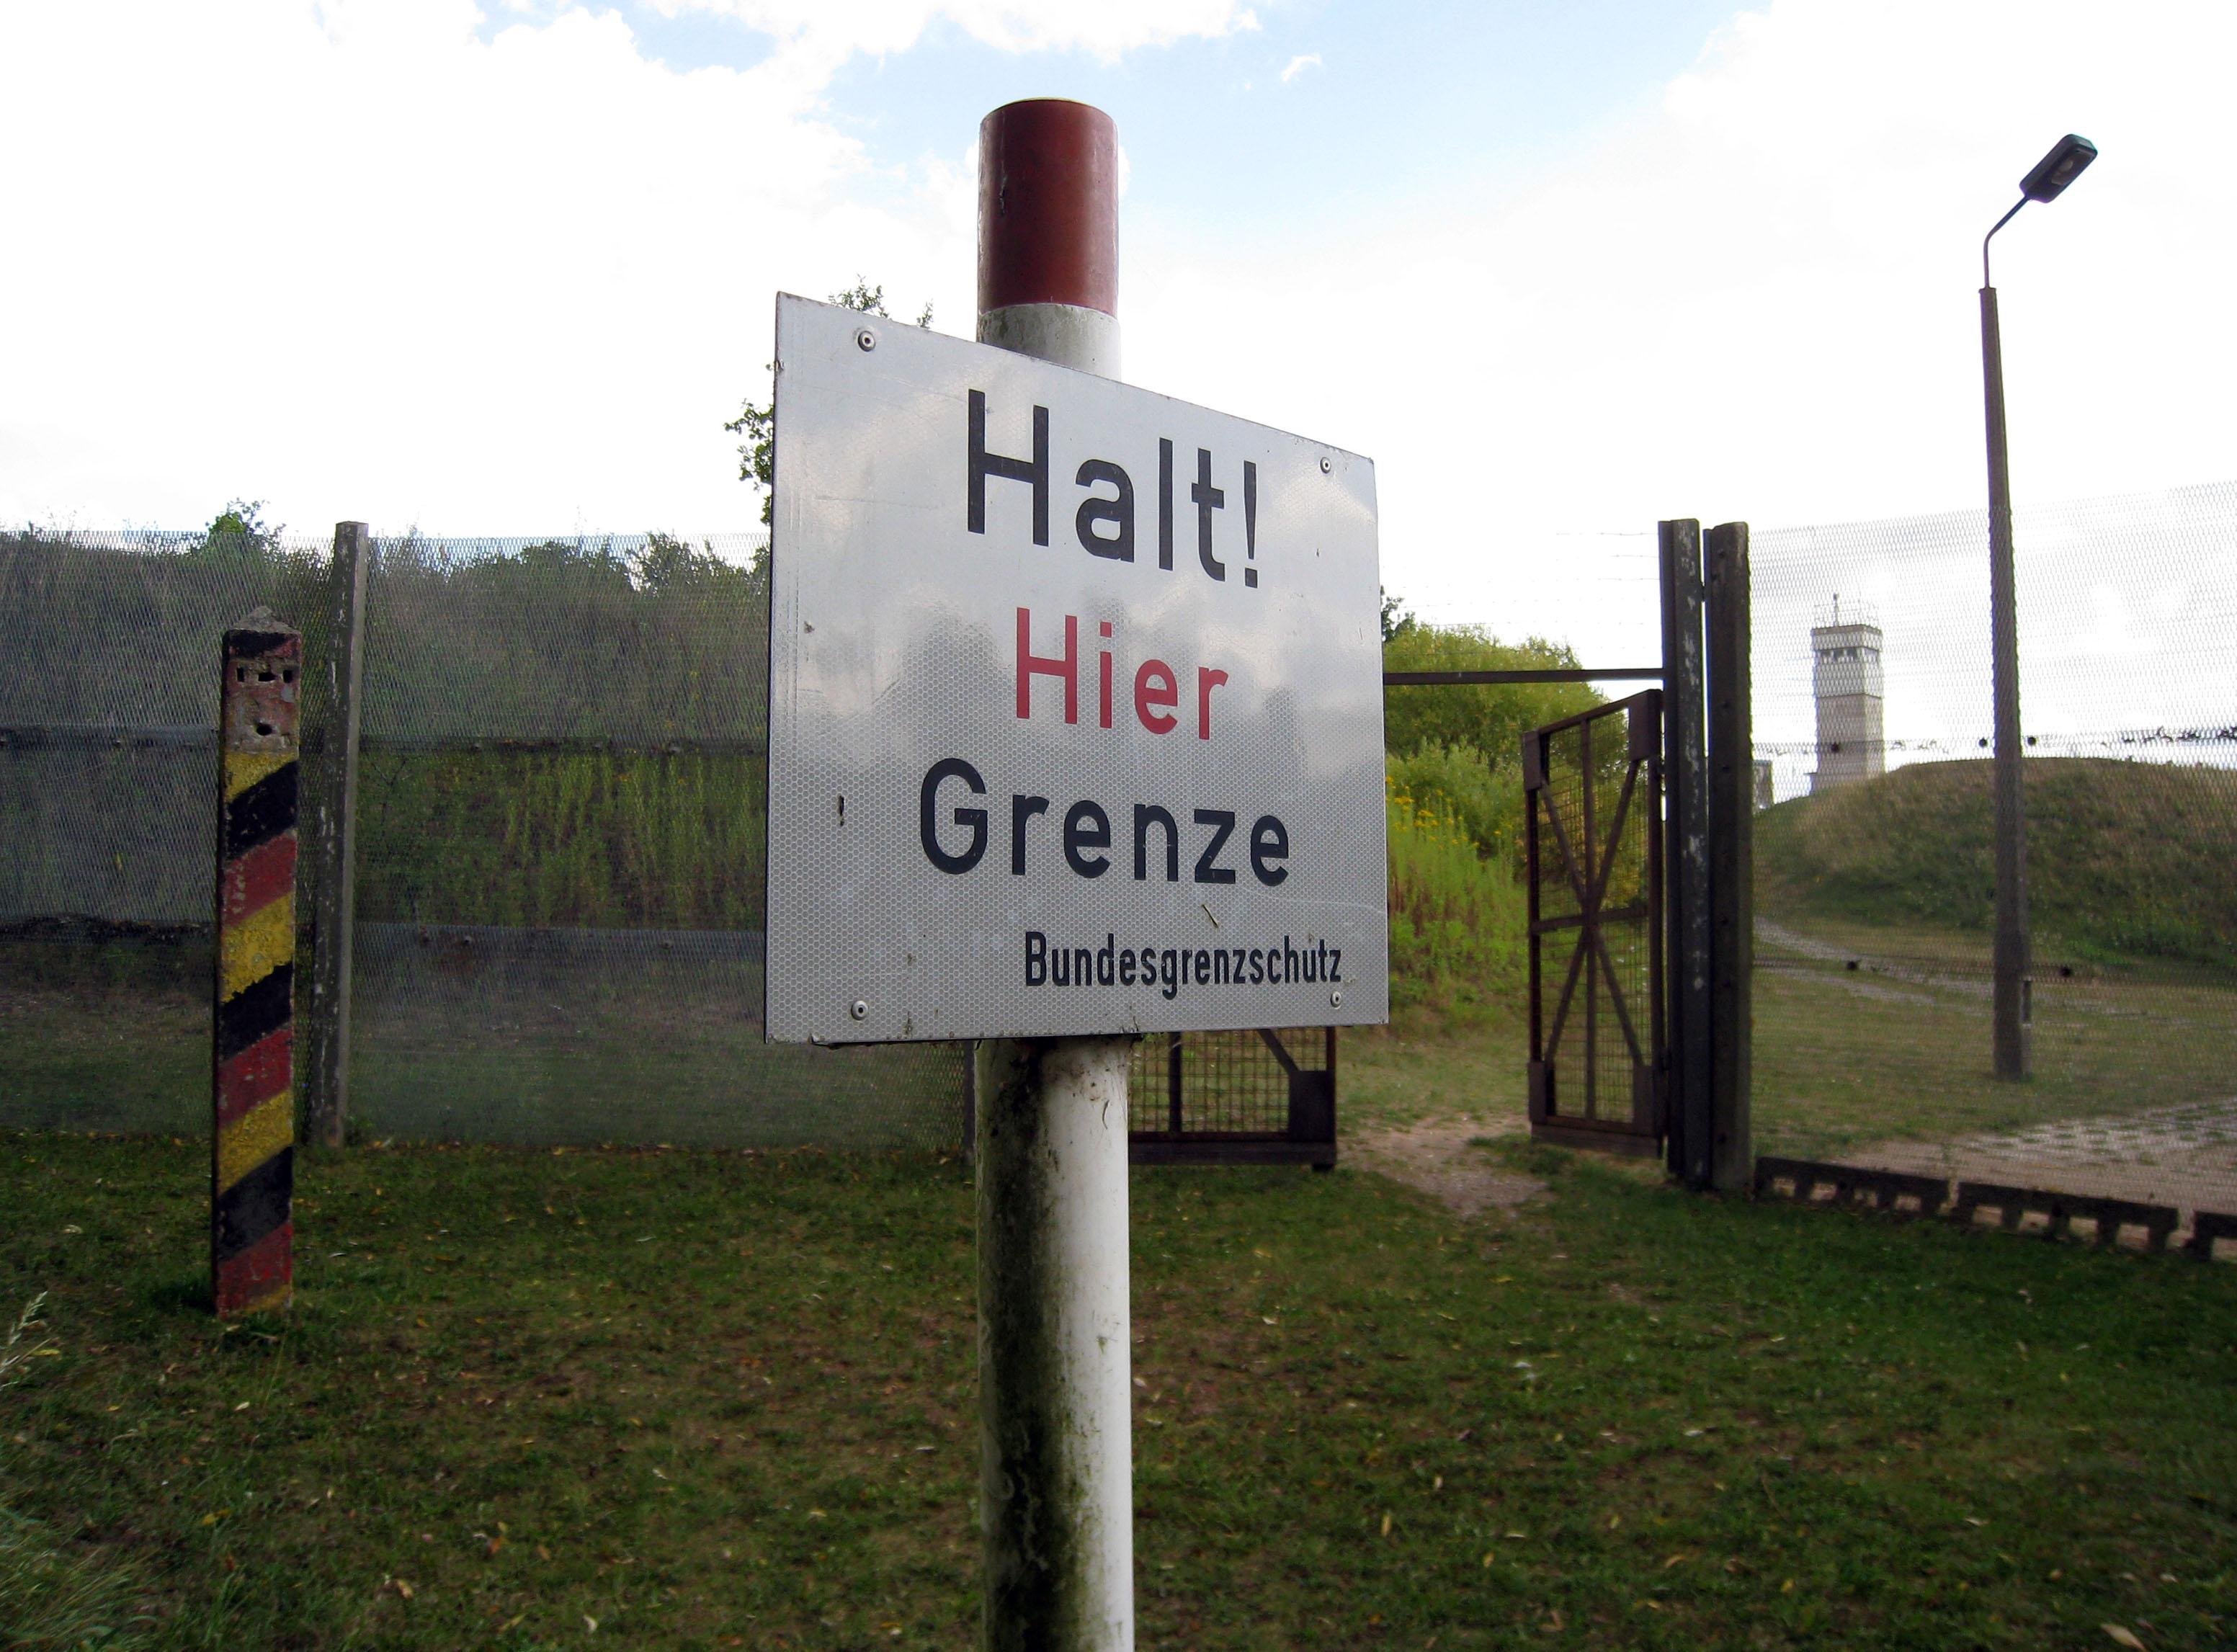 http://upload.wikimedia.org/wikipedia/commons/3/38/Halt_hier_grenze.jpg